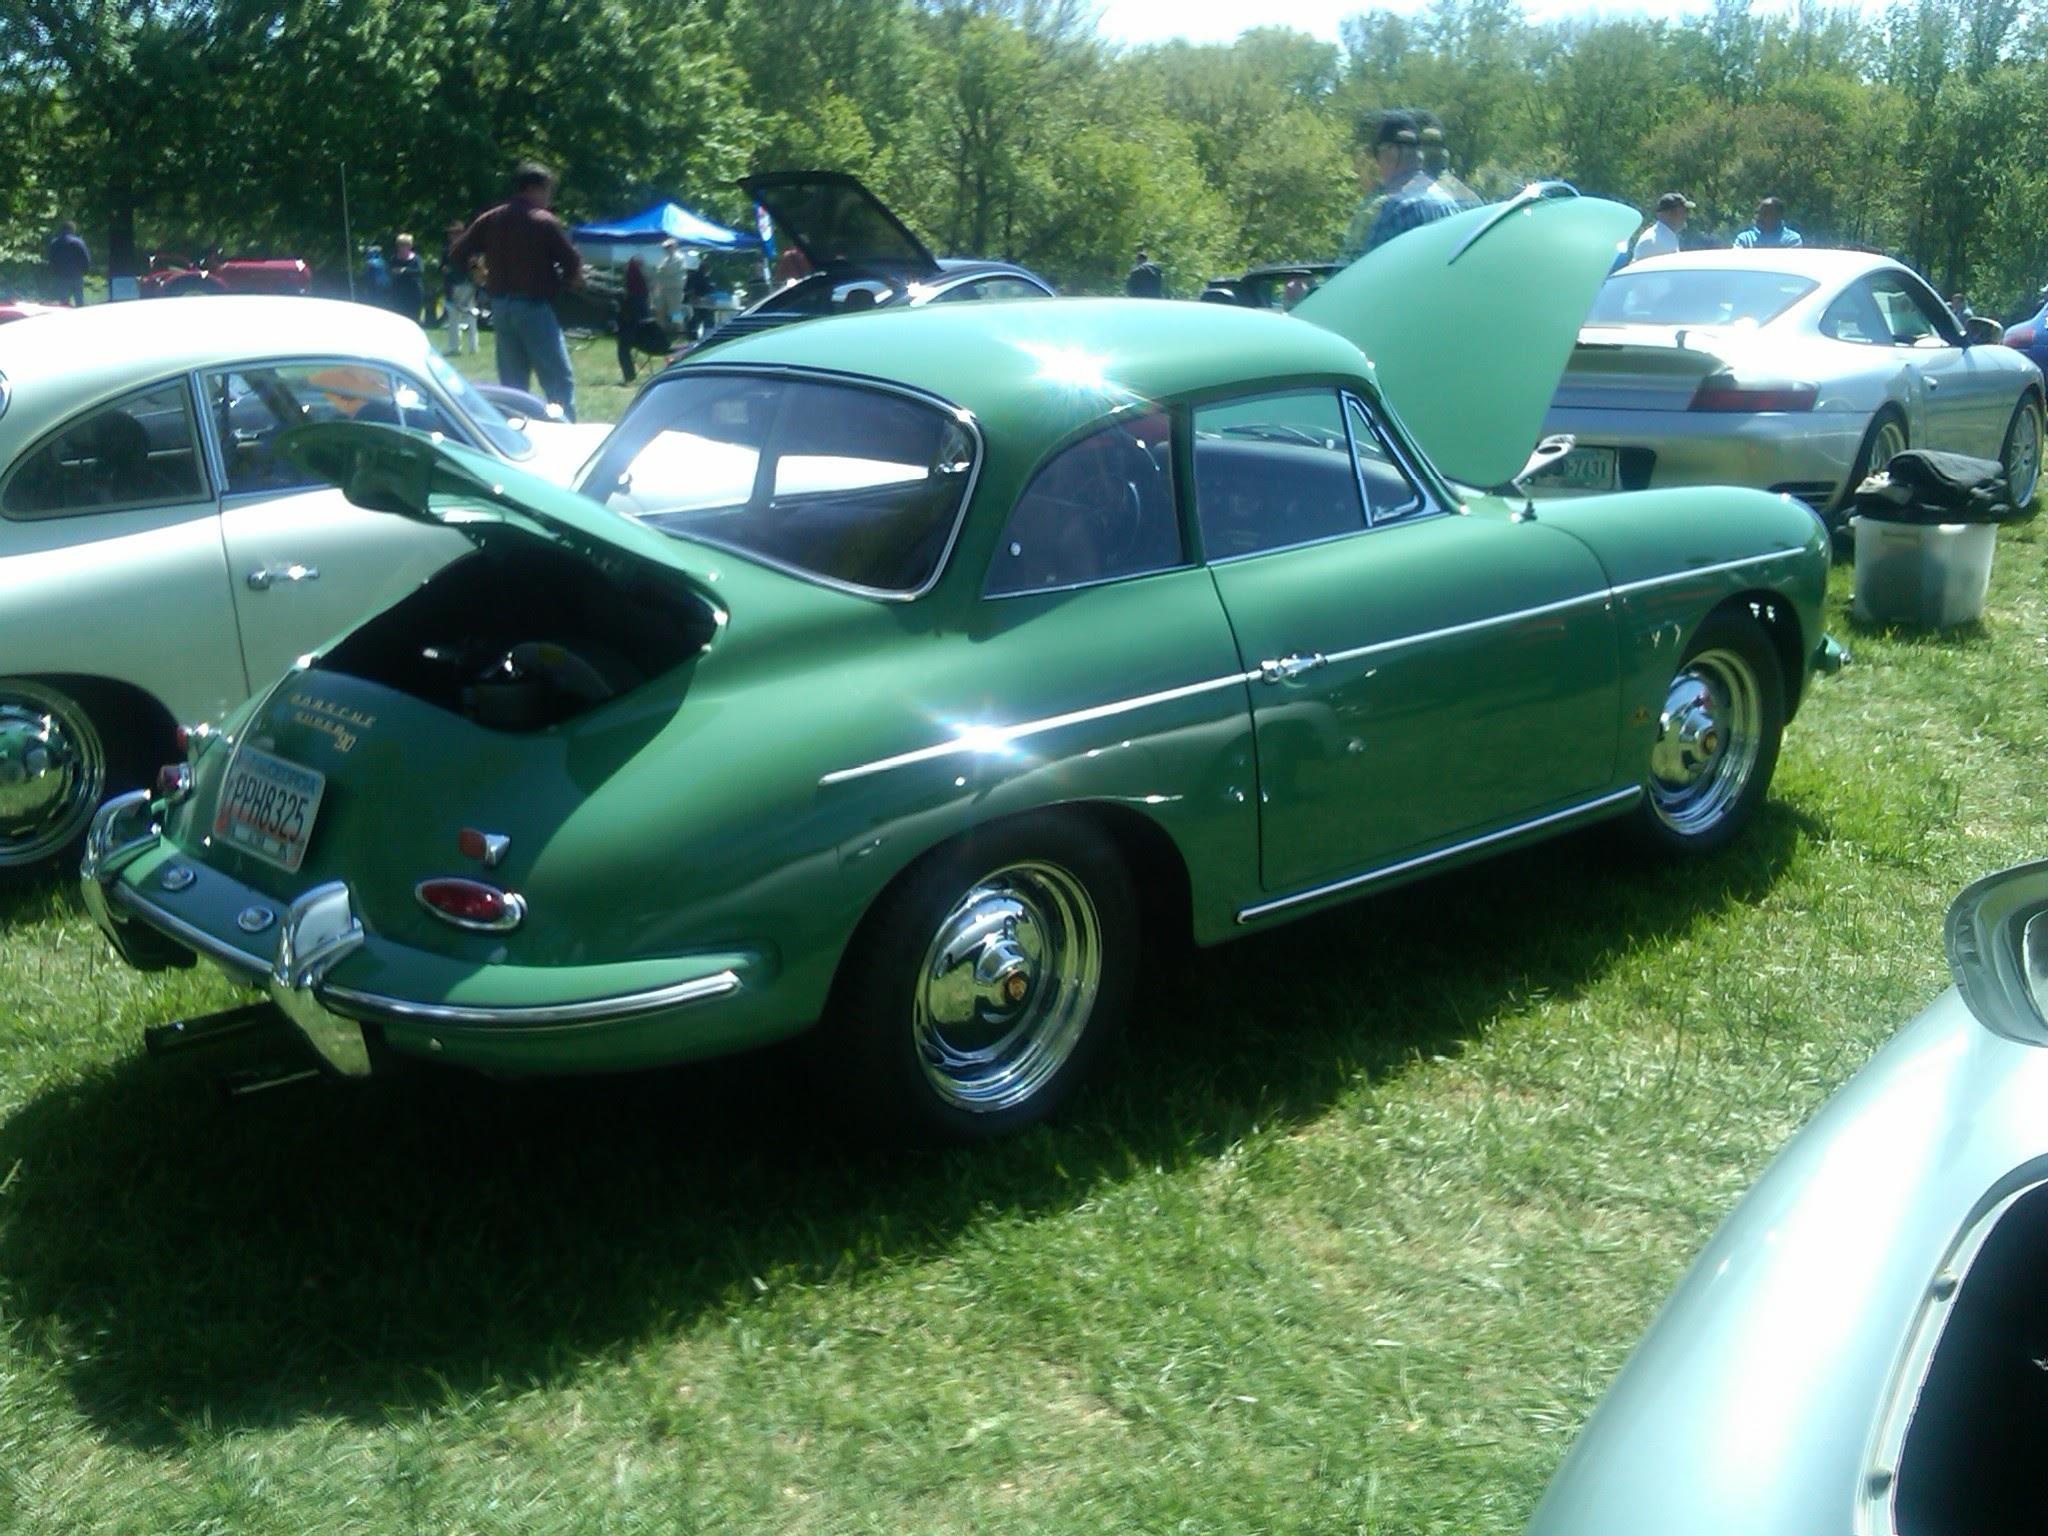 1961 Porsche 356B - 3rd in Class - 32nd Deutsche Marque Concours d'Elegance.jpg